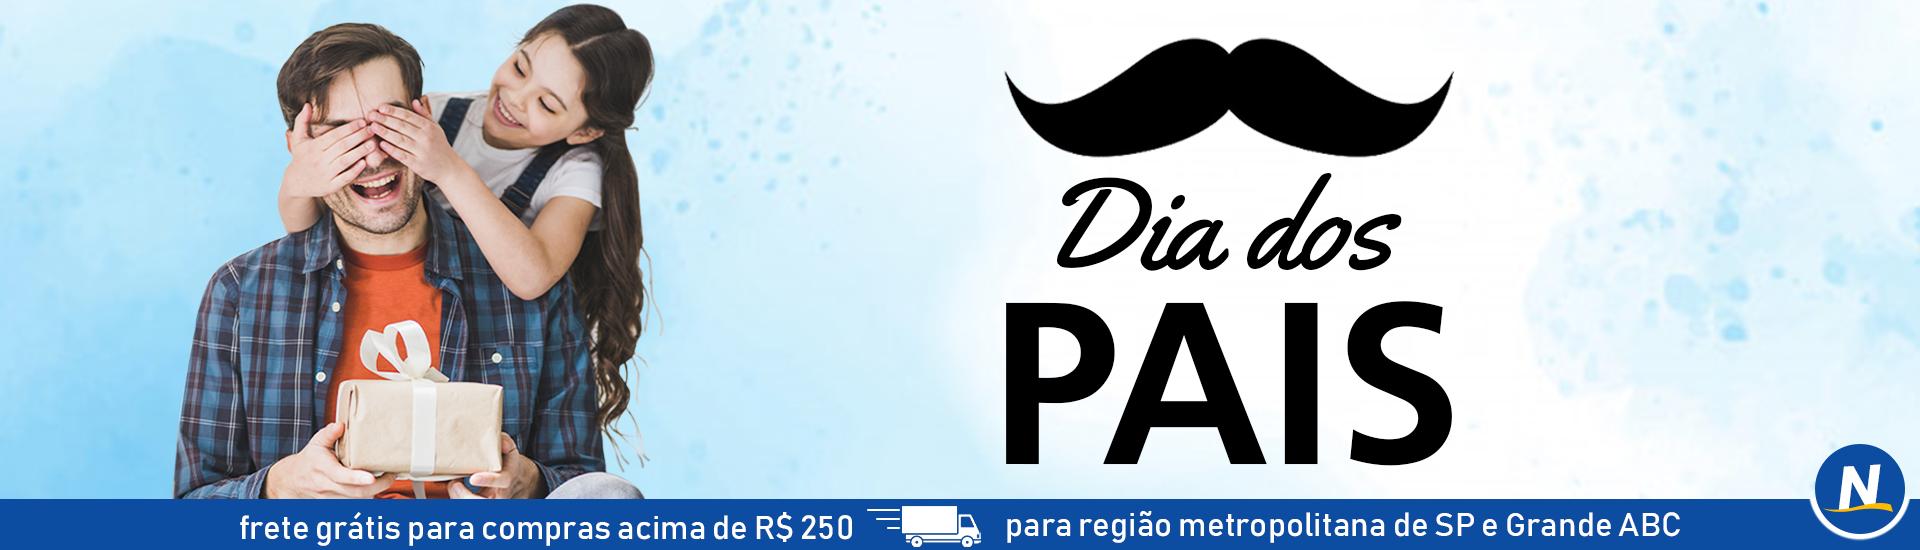 BannerDiadosPais